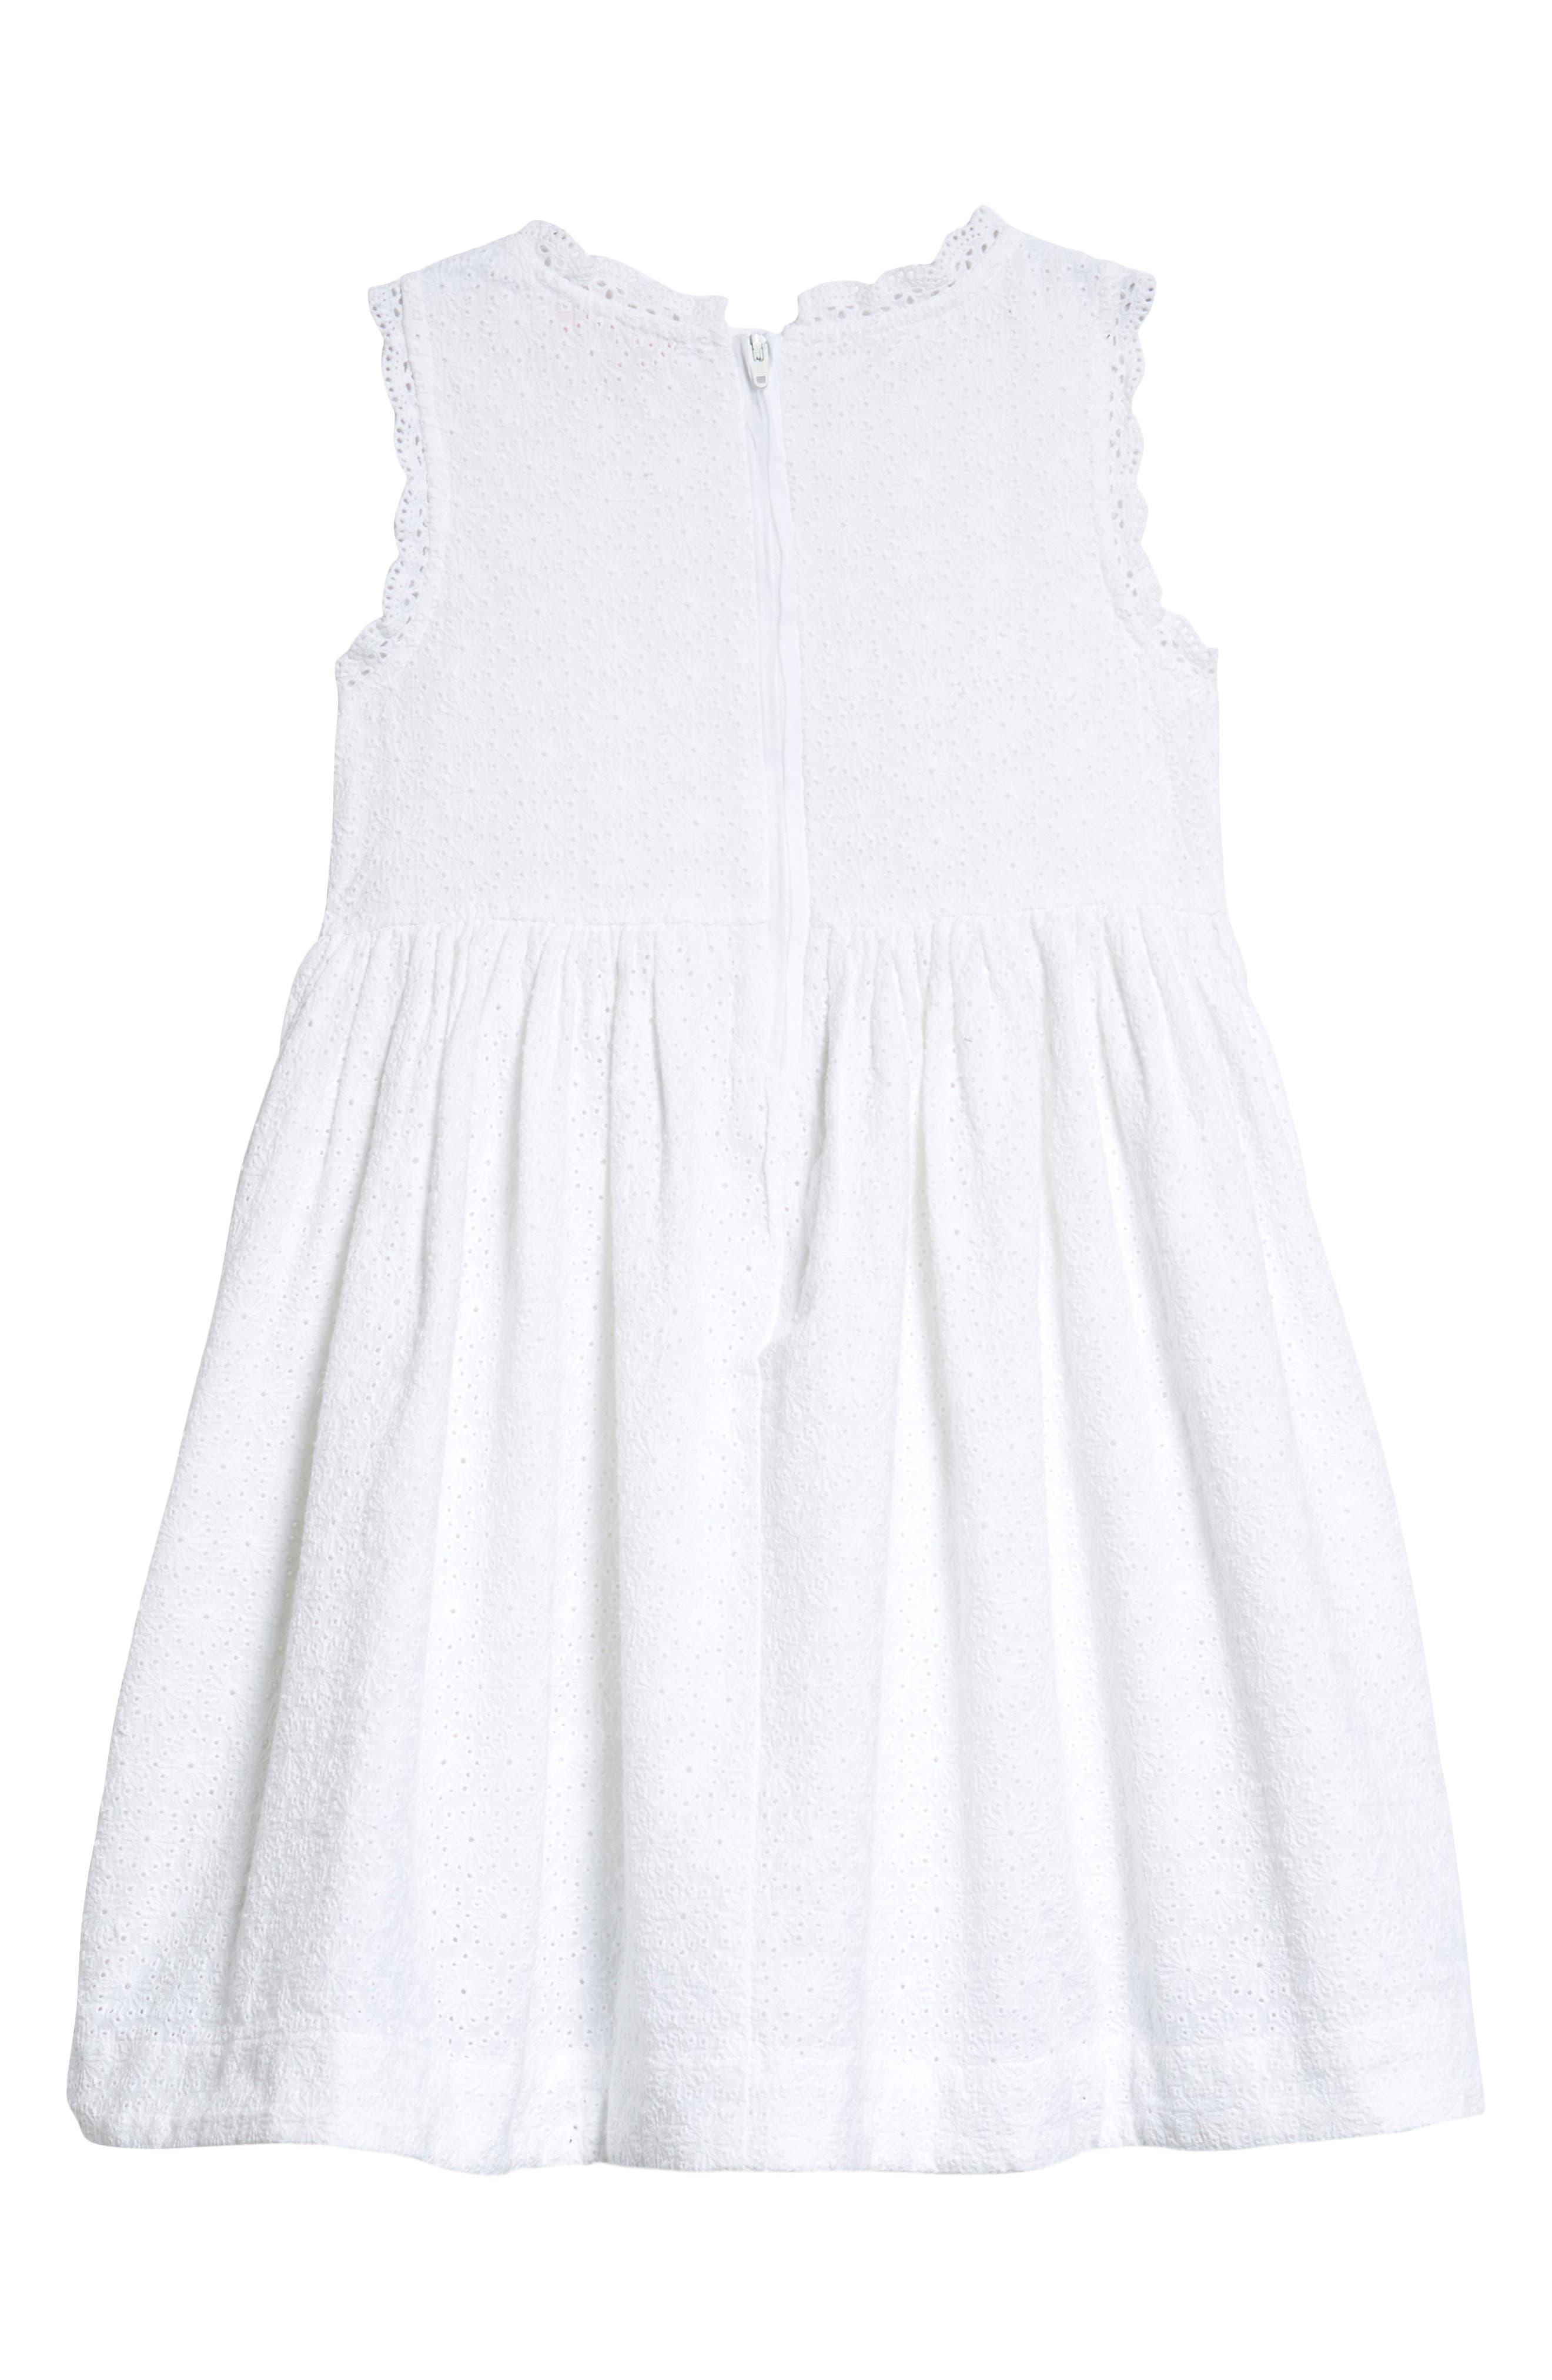 Lace Shift Dress,                             Alternate thumbnail 2, color,                             White